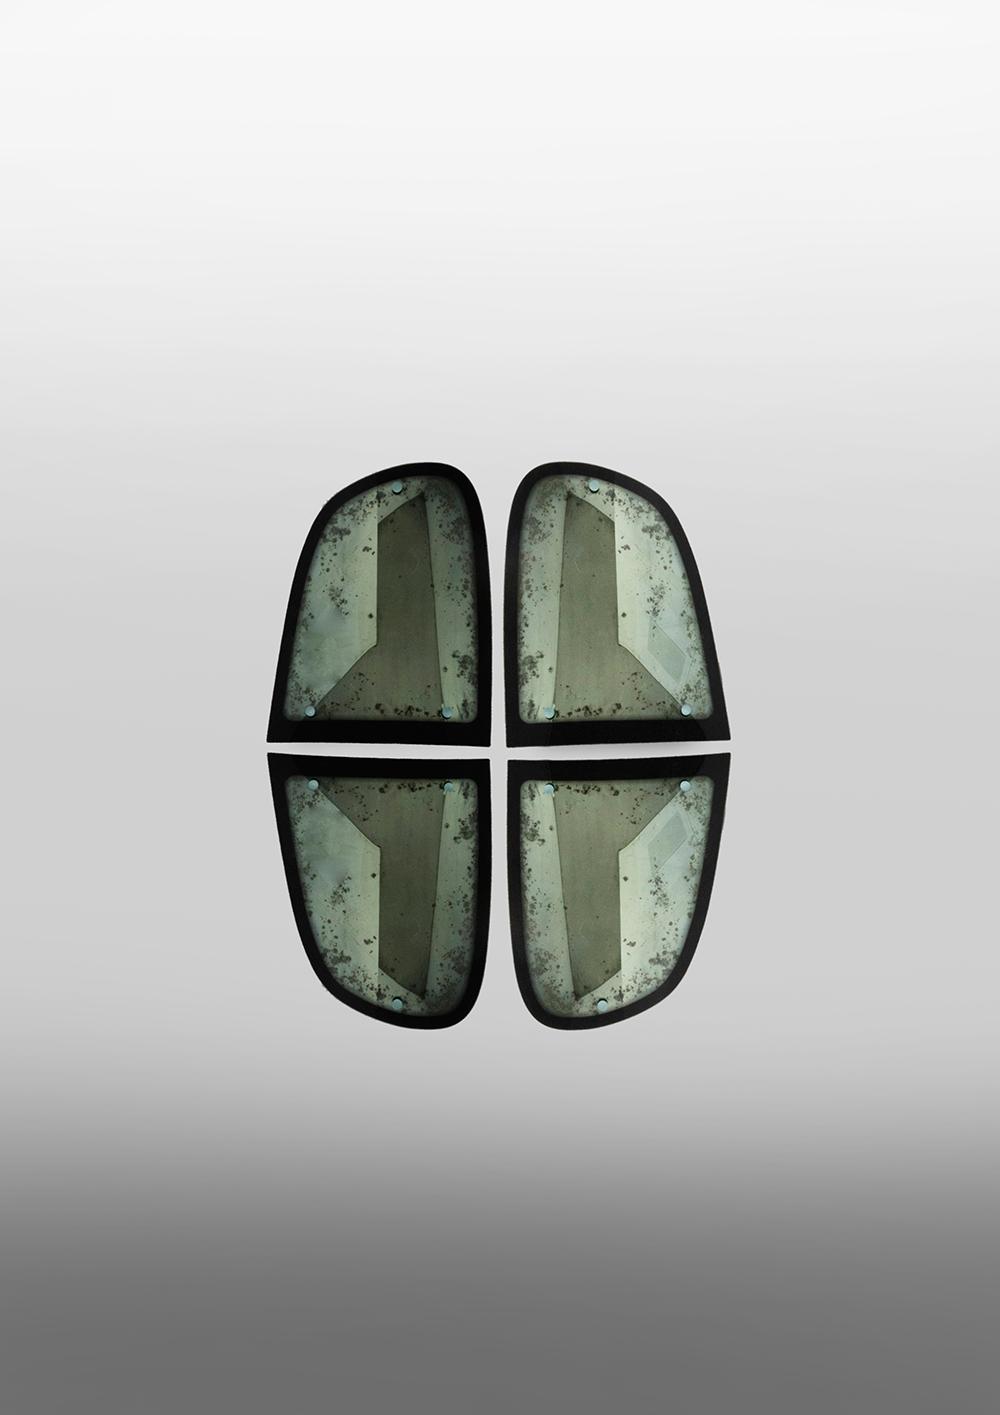 StudioNucleo_souvenir mirrors_composition_10